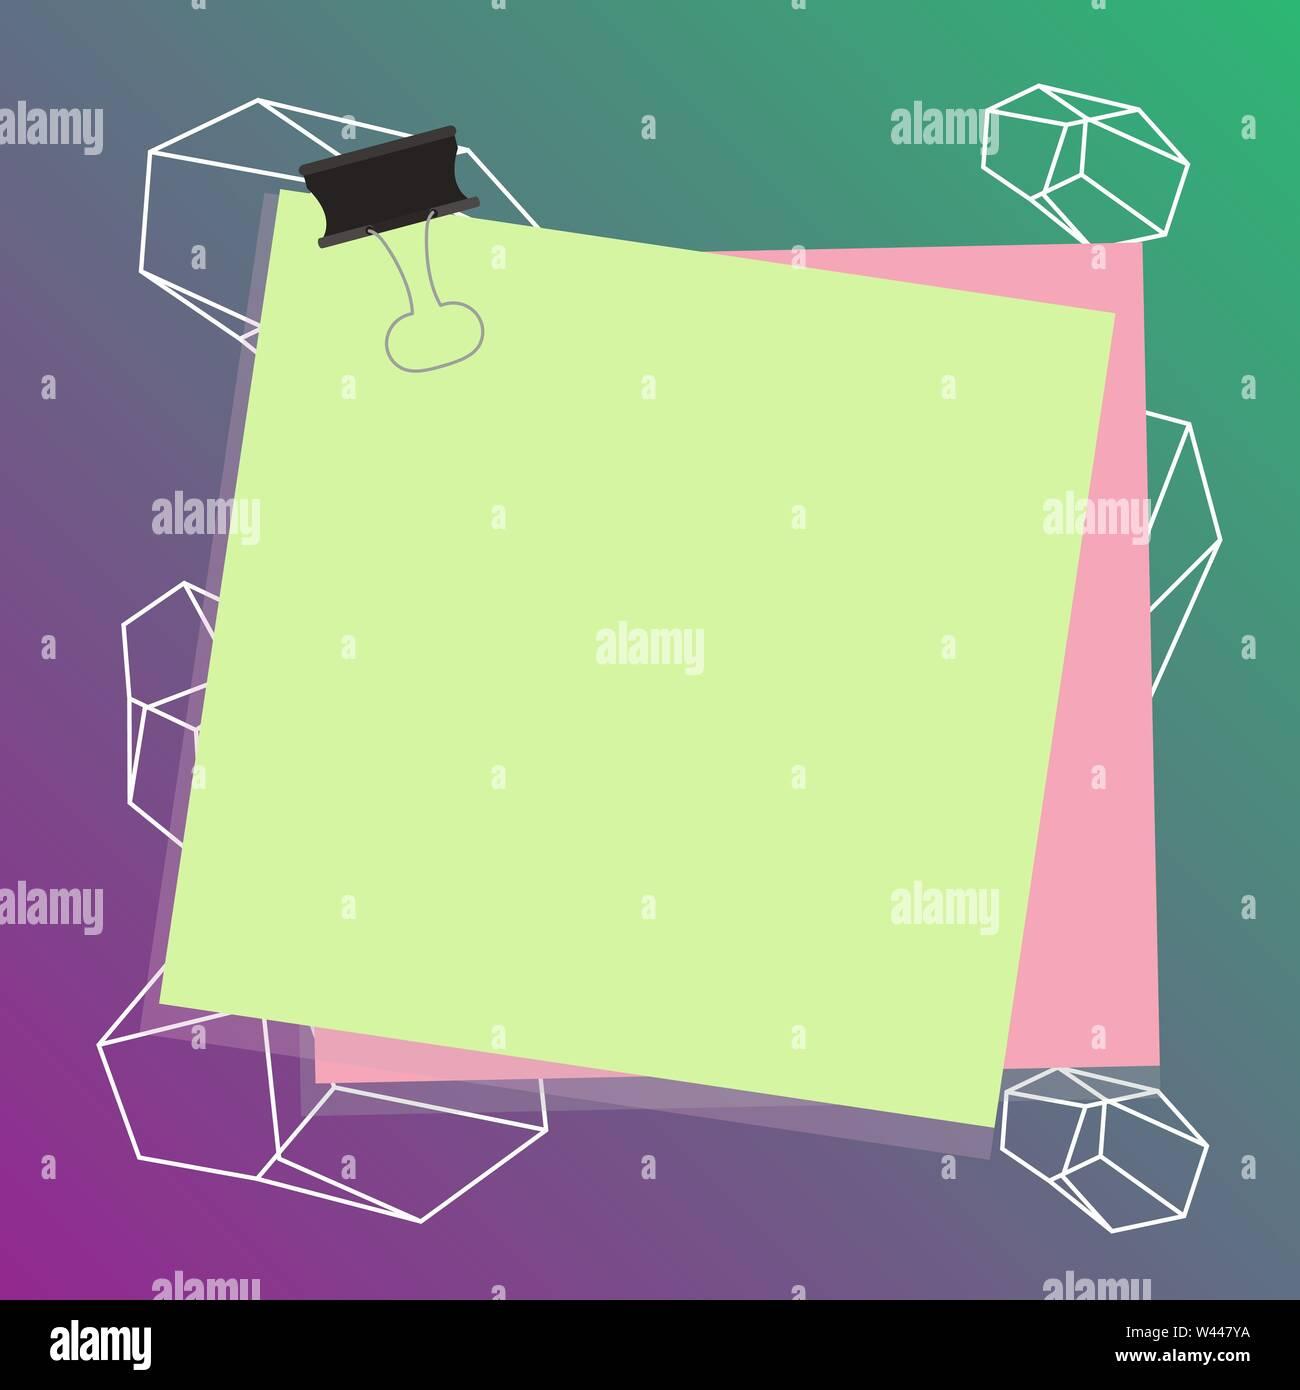 Carta bloccata binder clip sfondo colorato memo promemoria ufficio copia di alimentazione Space design modello vuoto per testo Annuncio, promozione, poster, volantini, web ba Immagini Stock